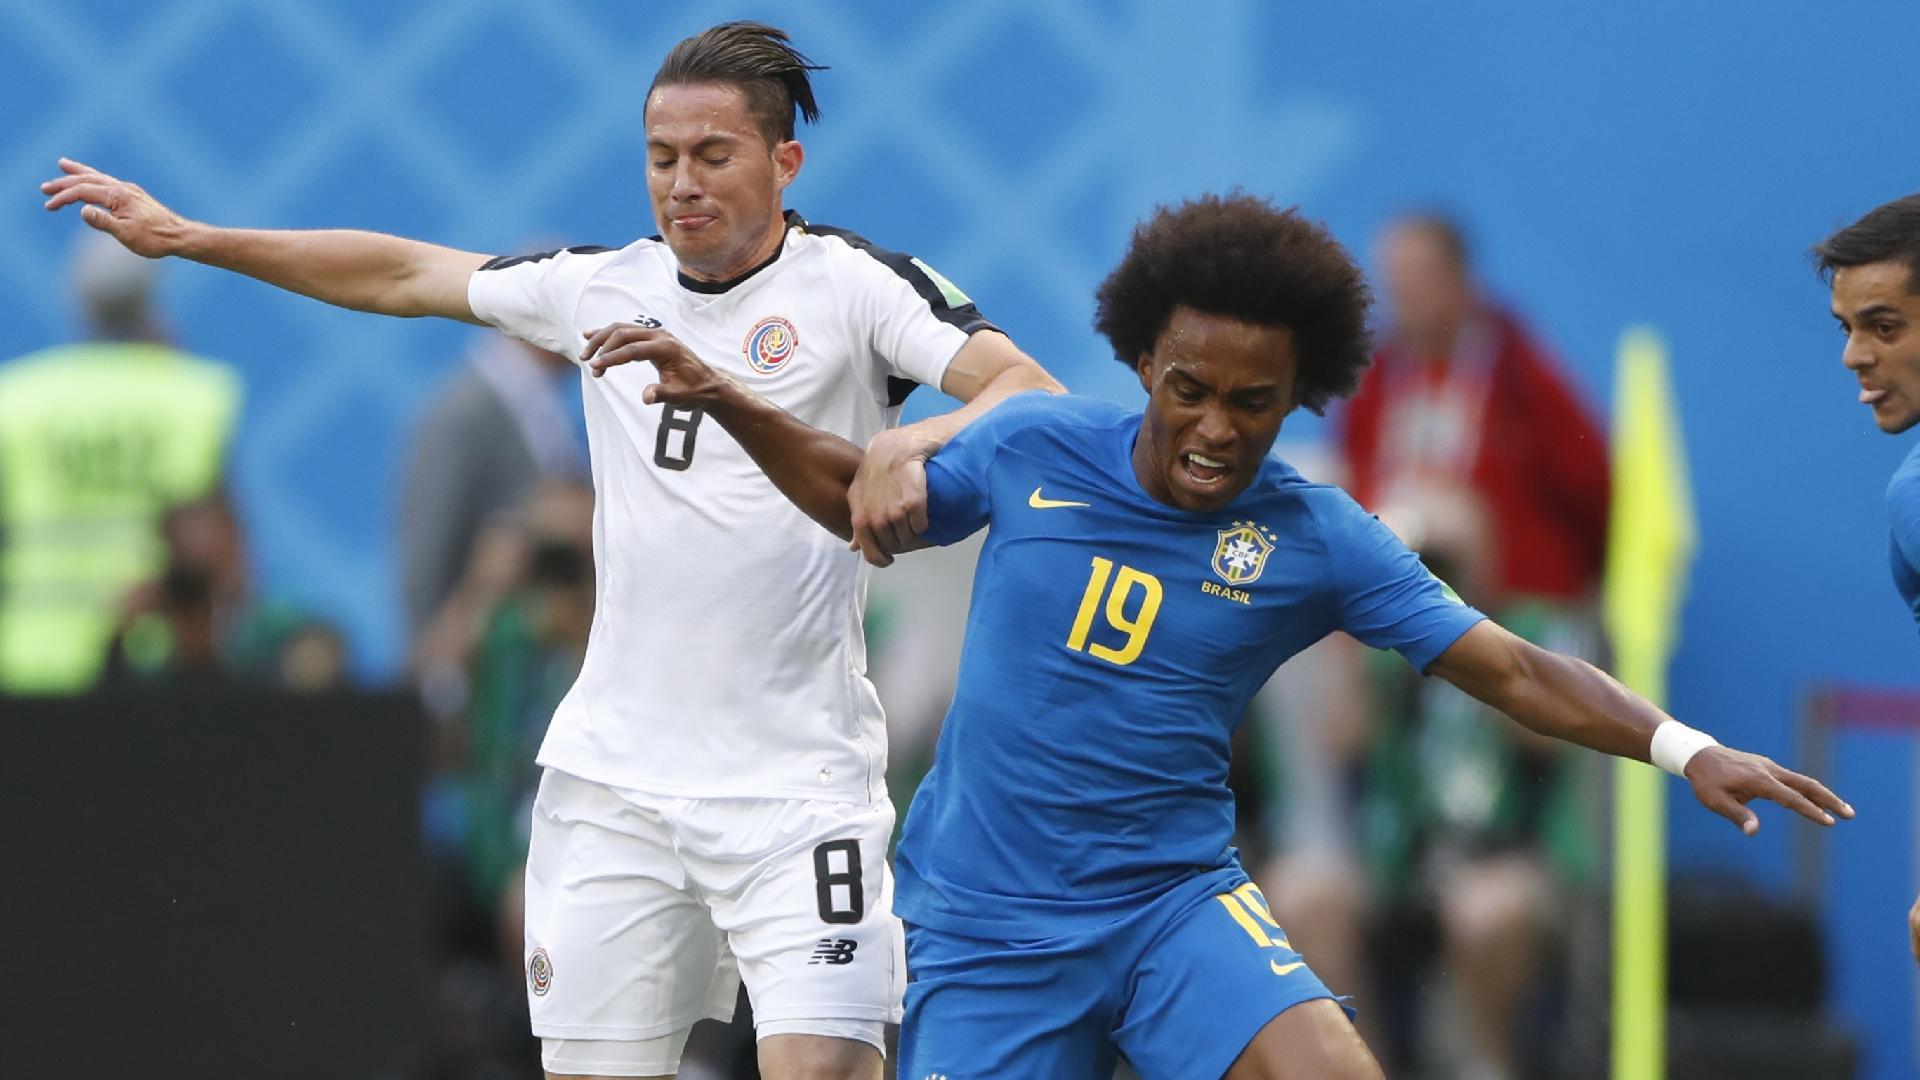 Willian disputa a bola com Bryan Oviedo, durante a partida entre Brasil e Costa Rica